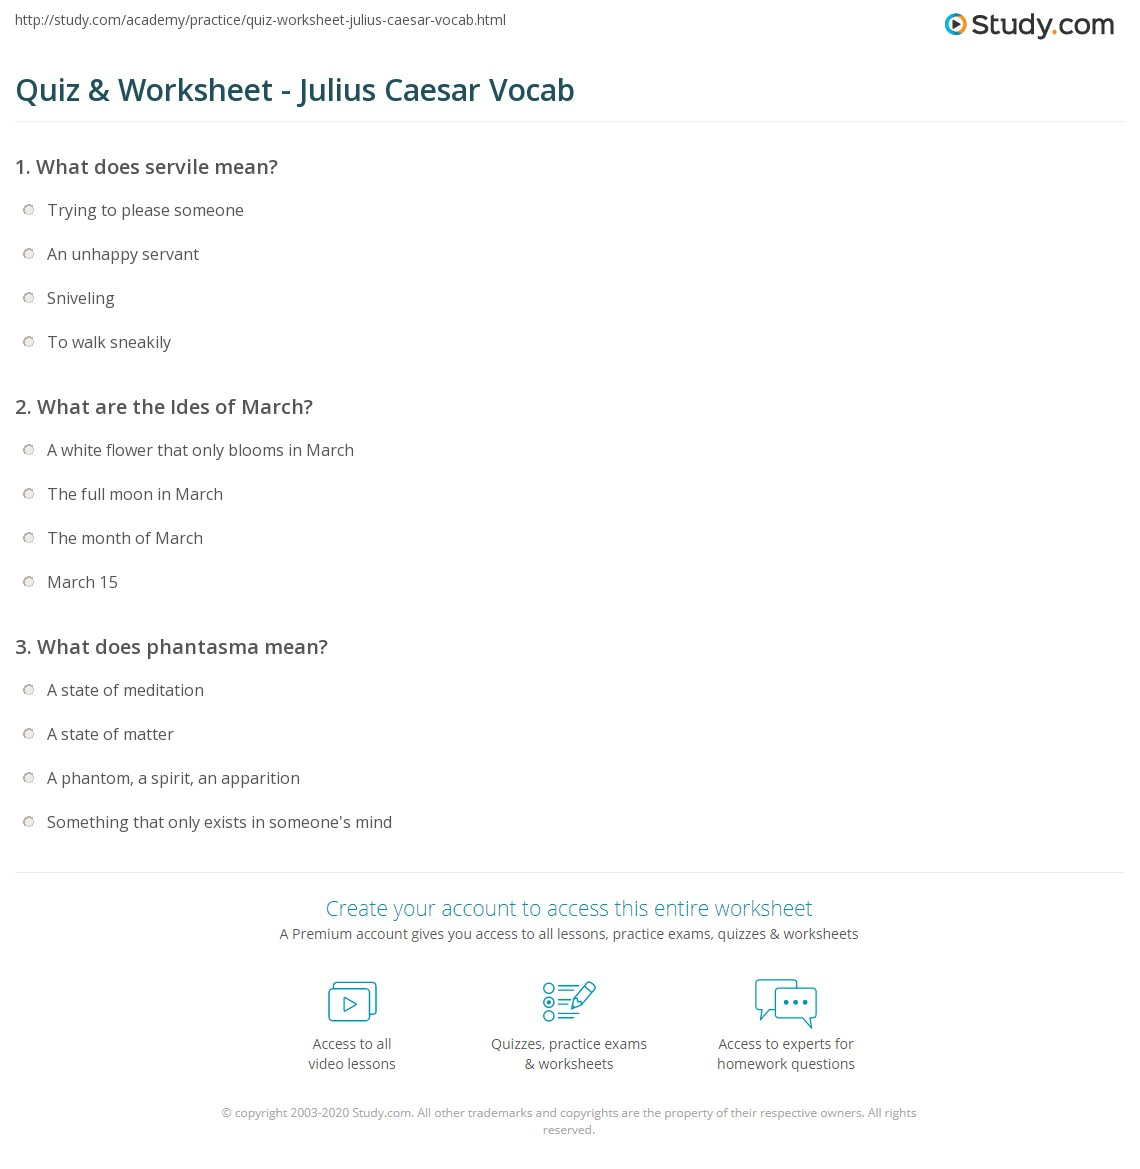 Quiz & Worksheet - Julius Caesar Vocab | Study.com